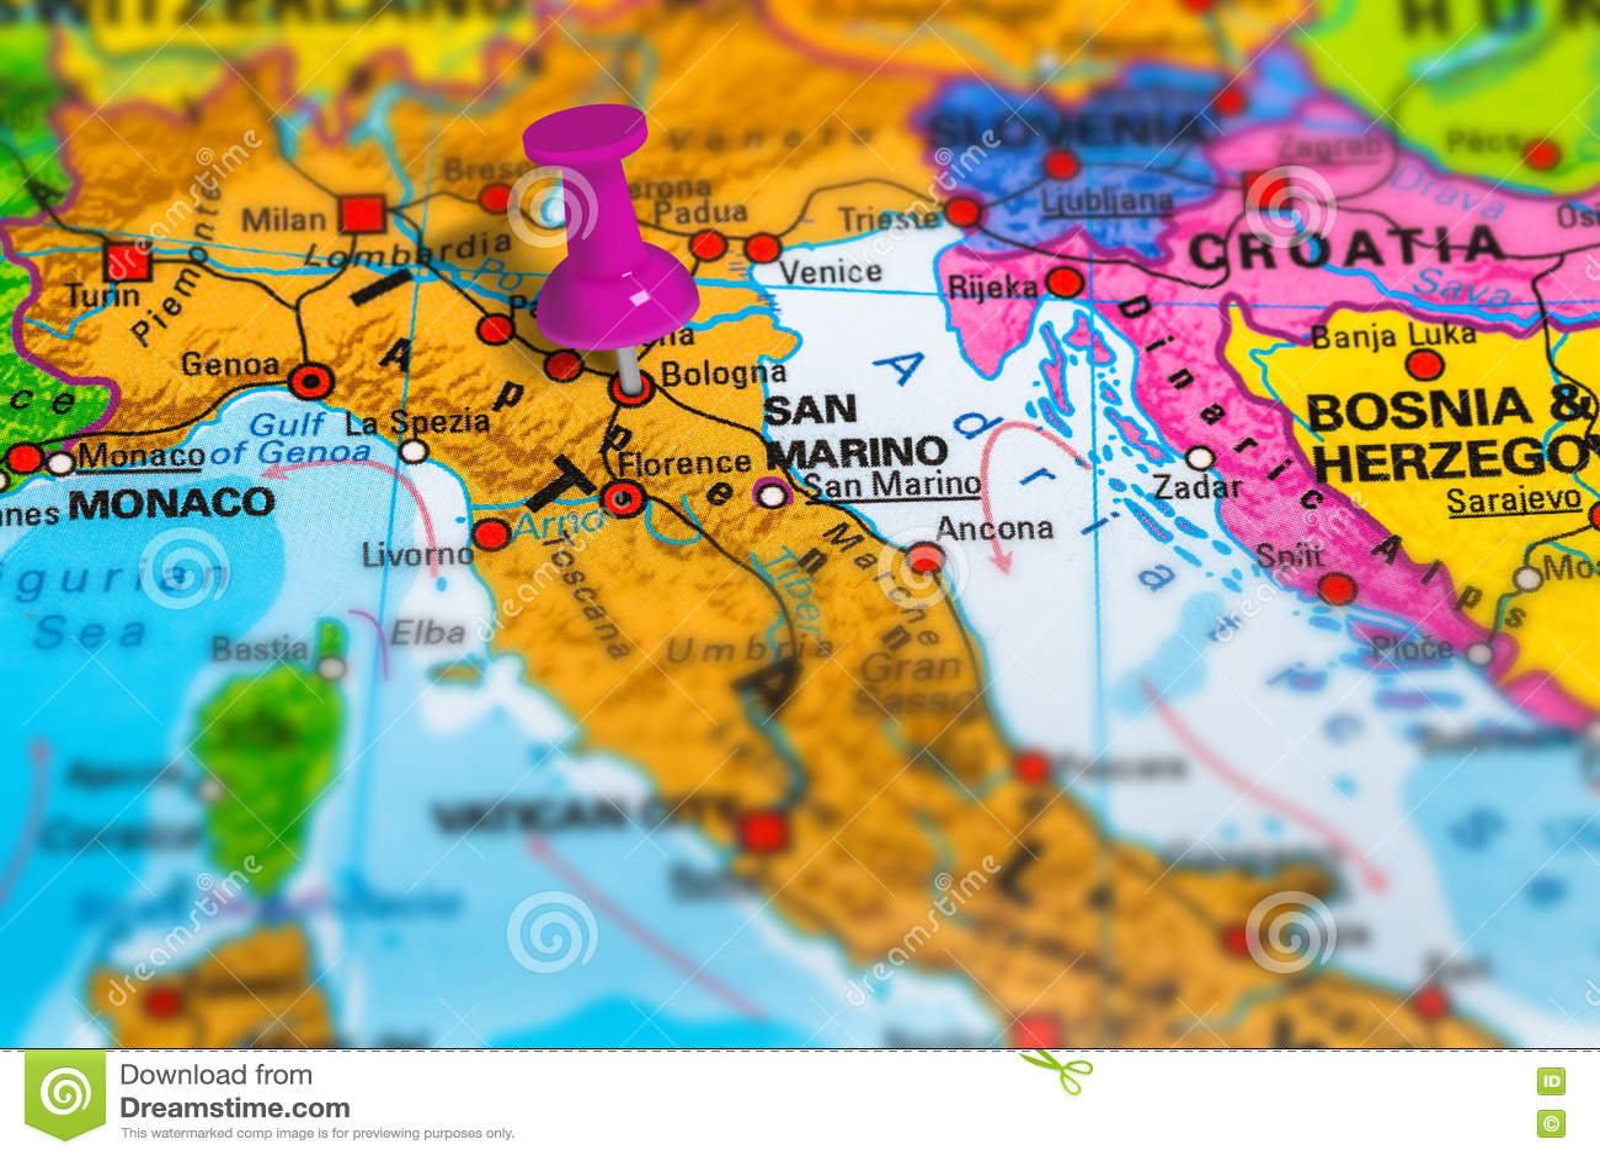 Mapa De Italia De Bolonia Foto De Archivo Imagen De Direccion